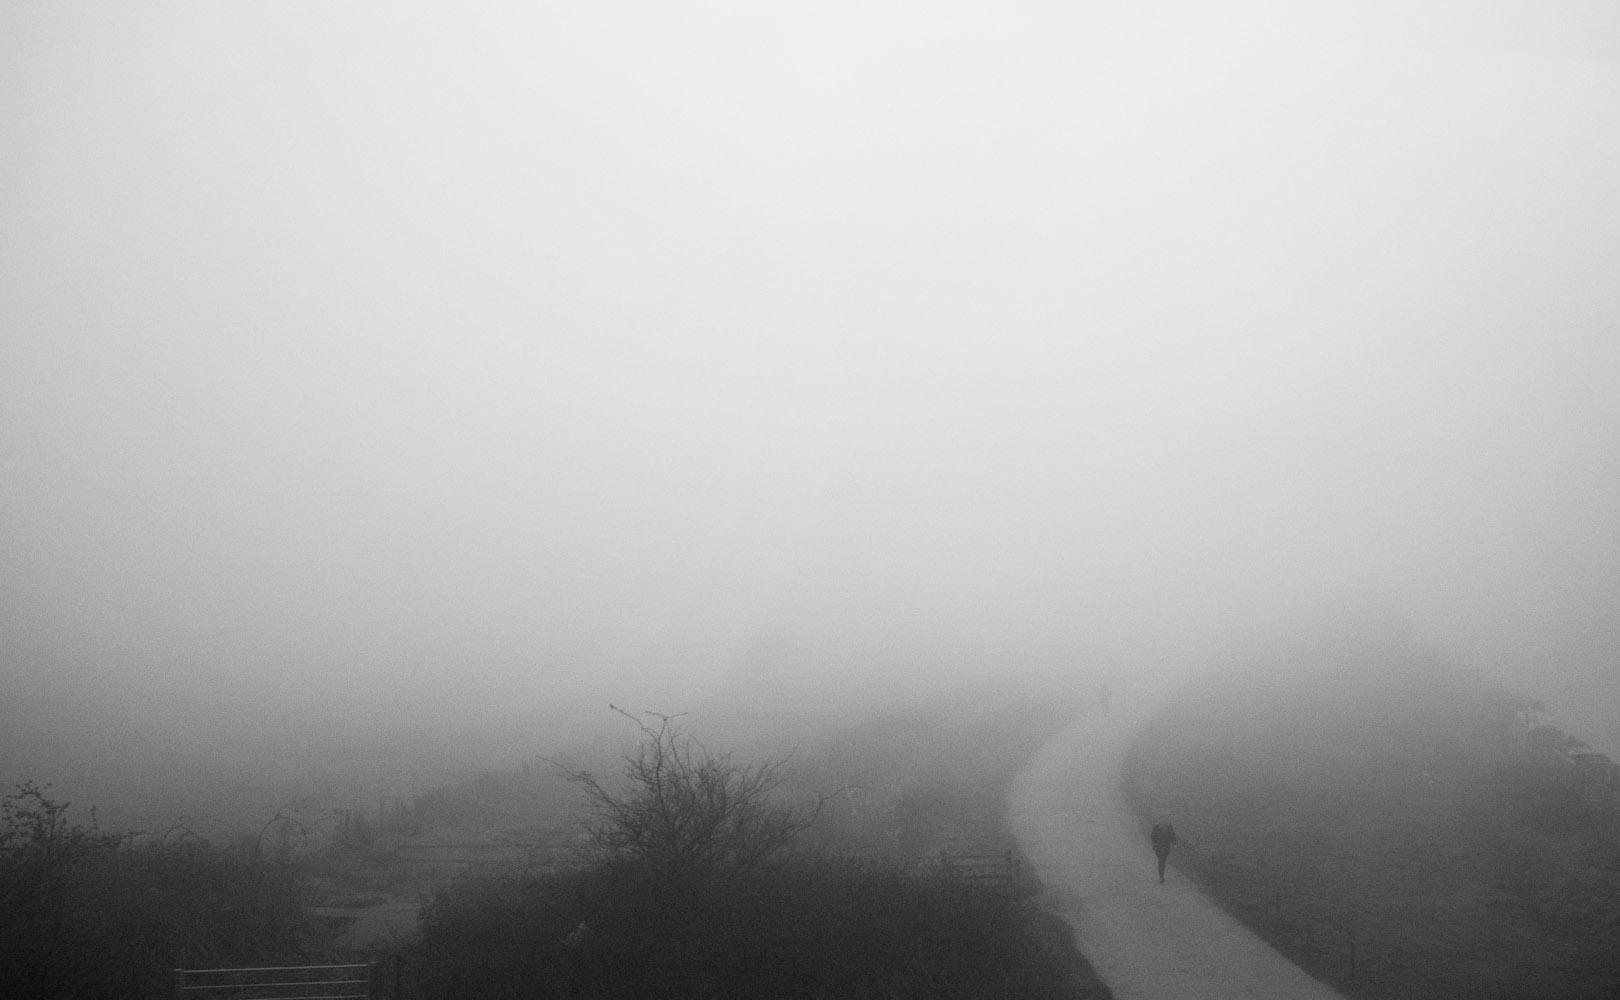 fog-020